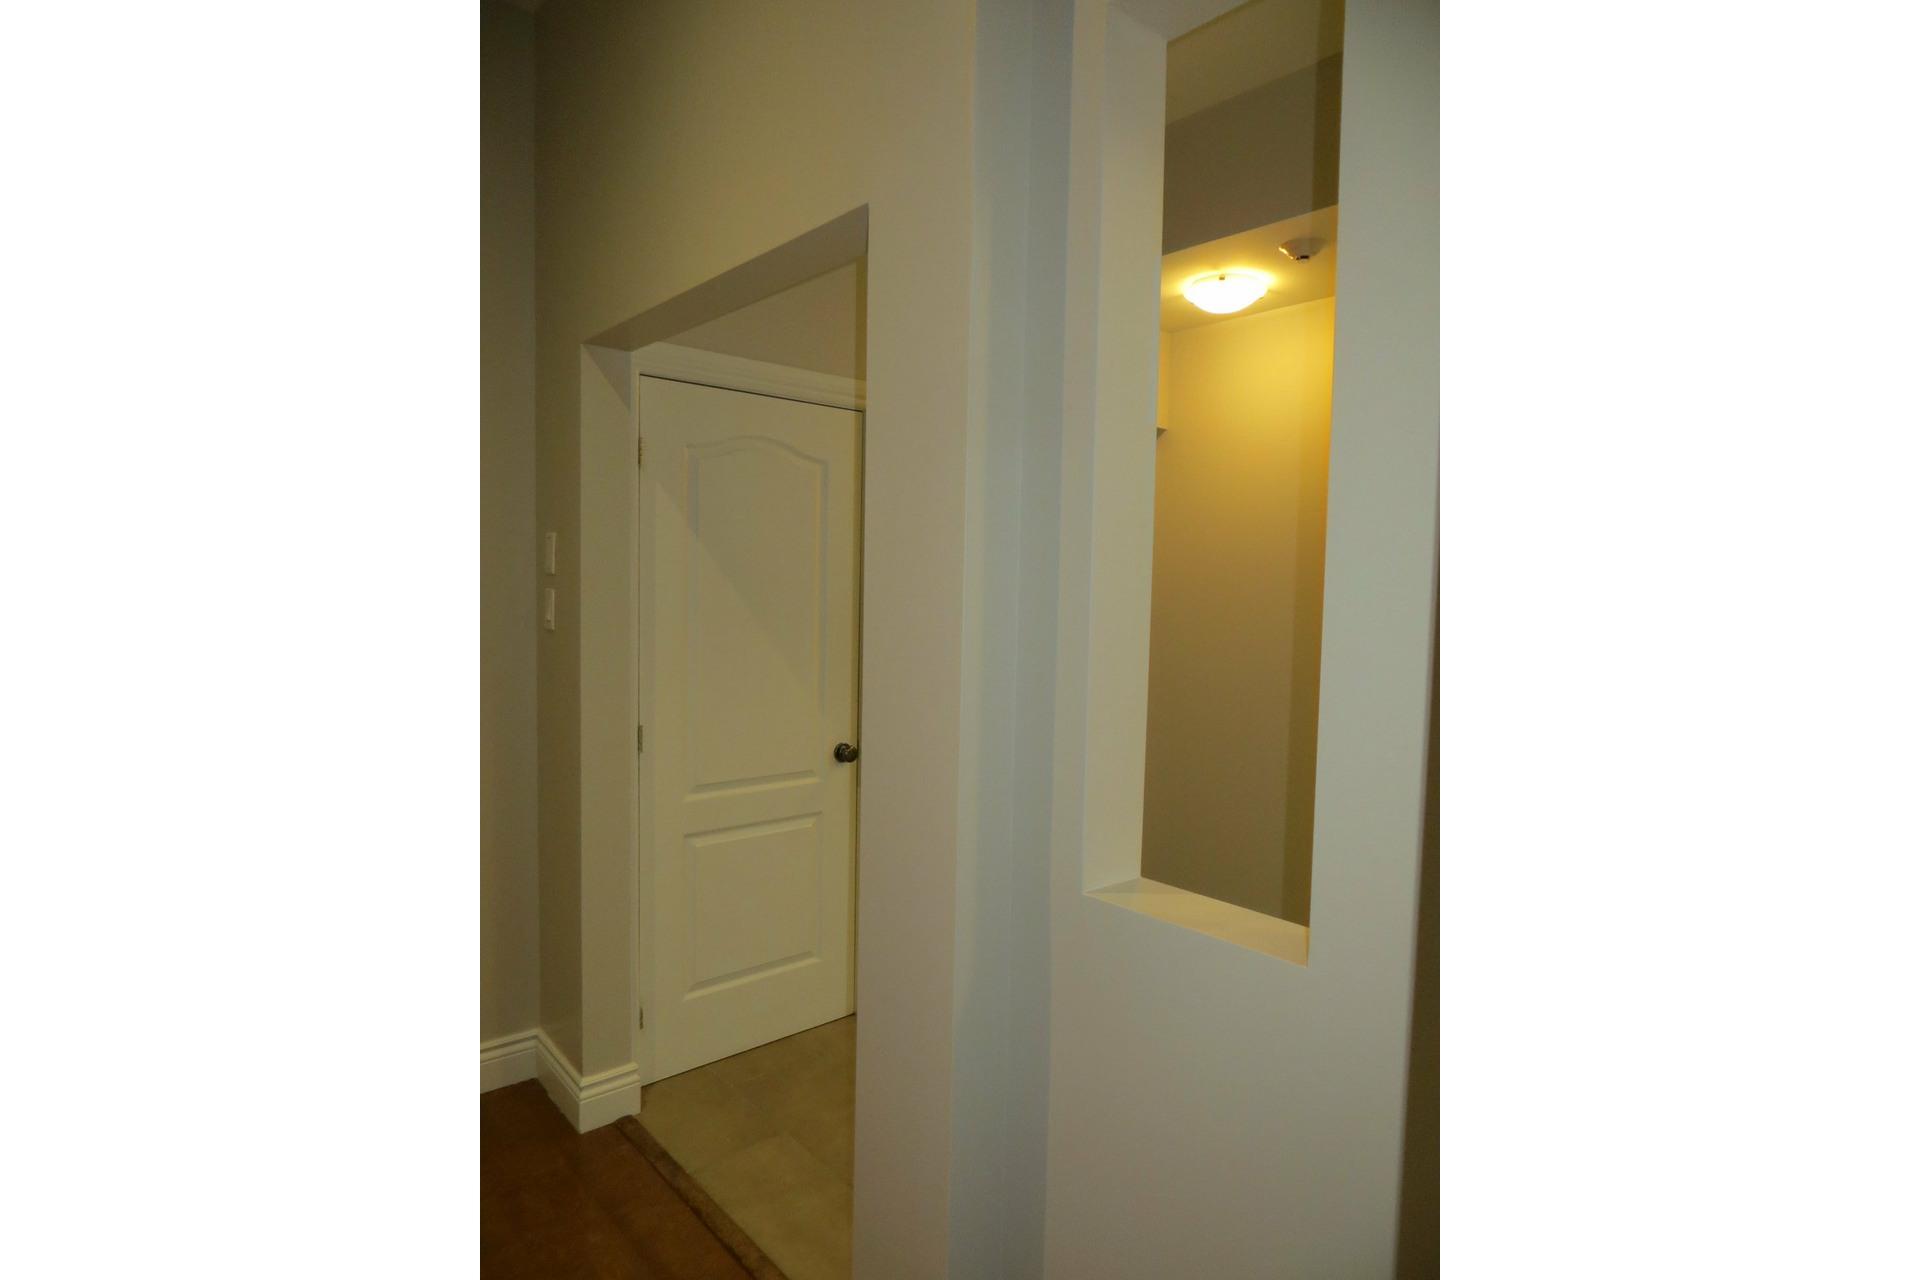 image 18 - Apartment For sale Côte-des-Neiges/Notre-Dame-de-Grâce Montréal  - 6 rooms